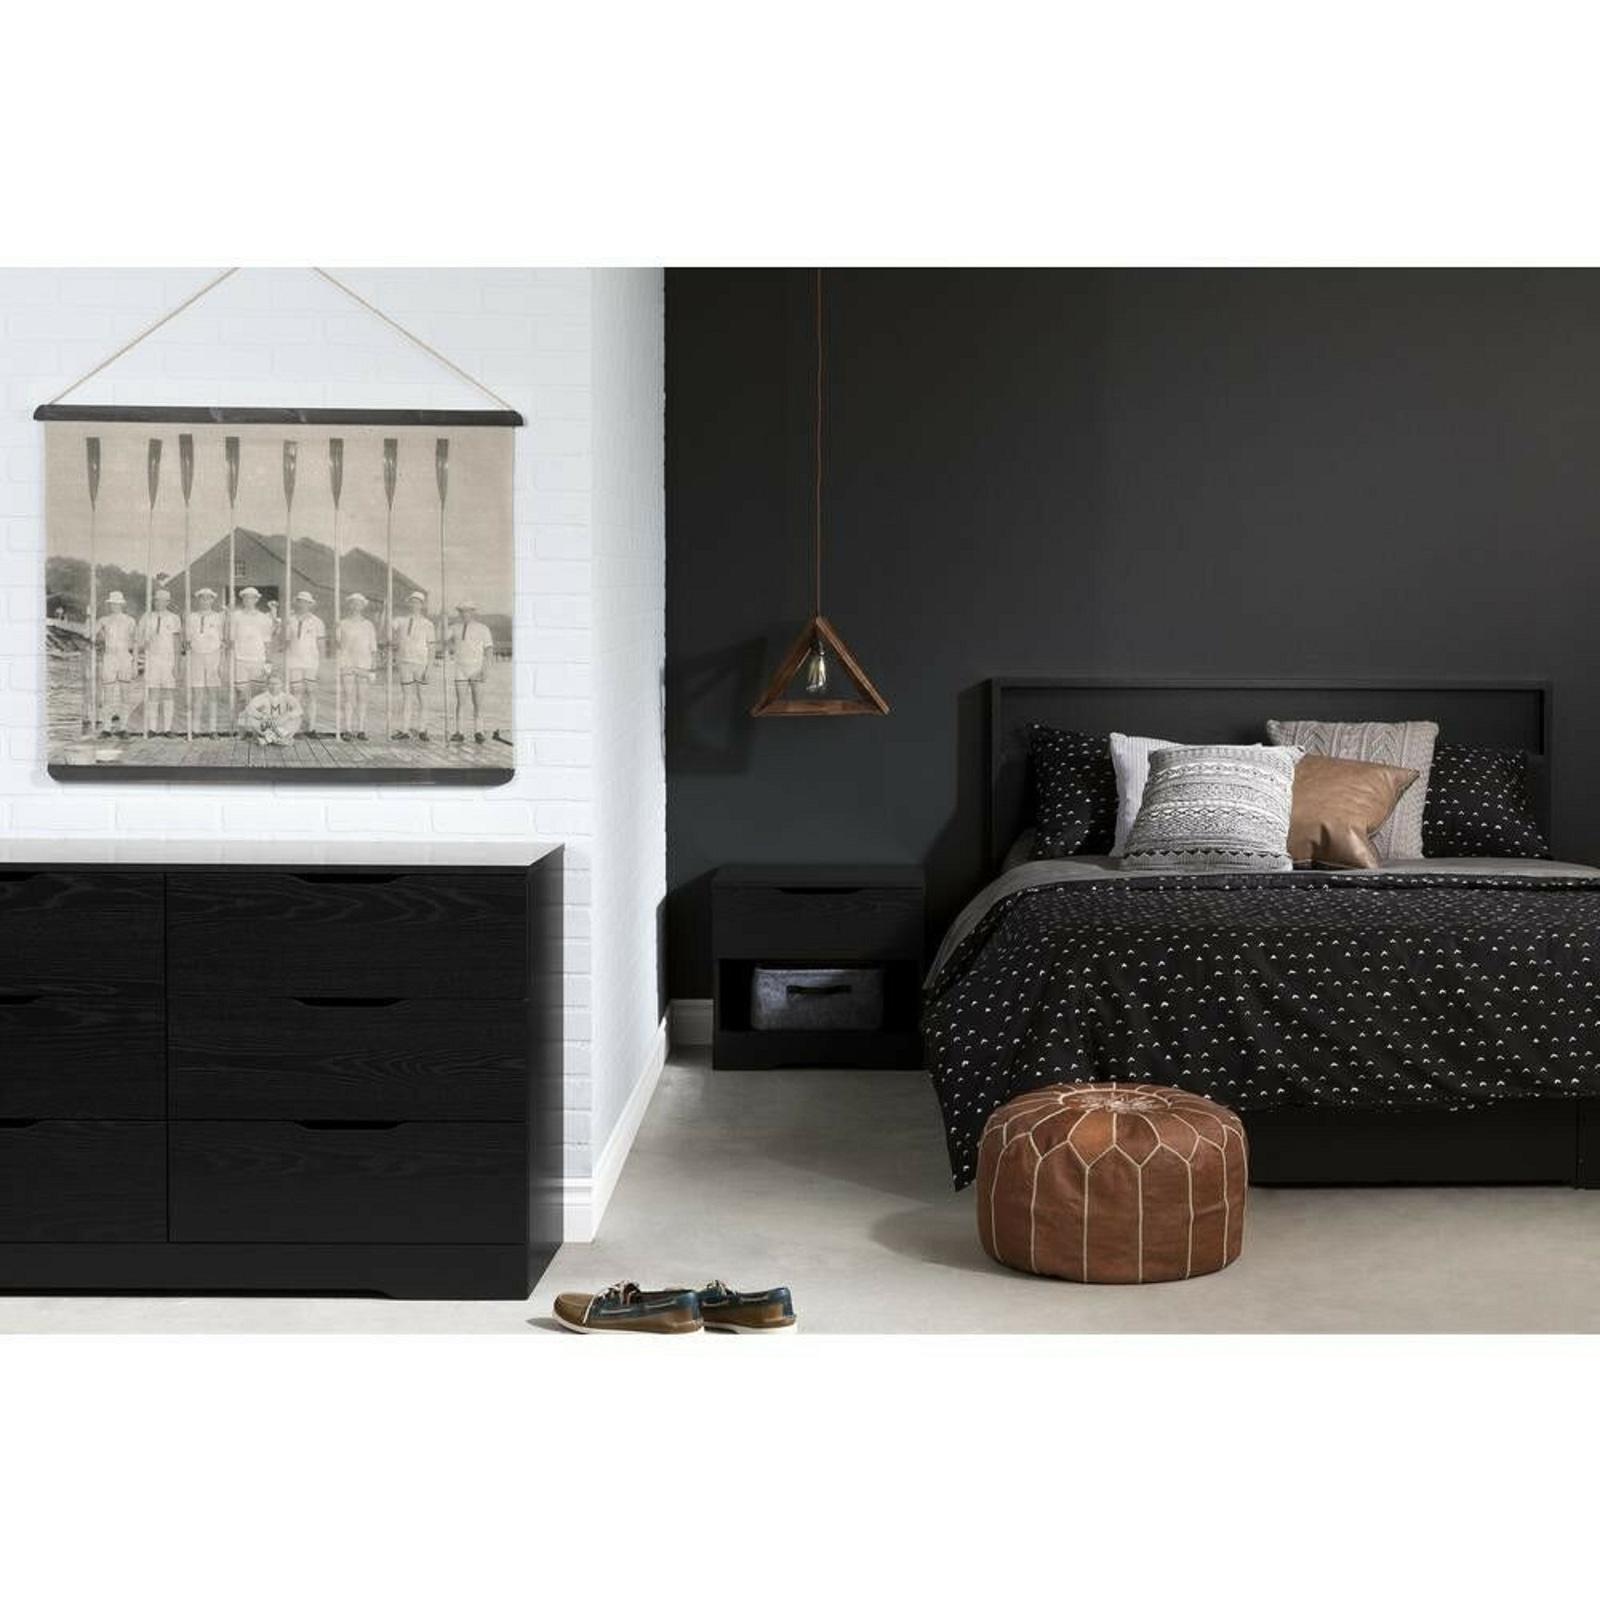 Dresser Storage Cabinet 6 Drawer Black Space Saver Bedroom Durable Furniture